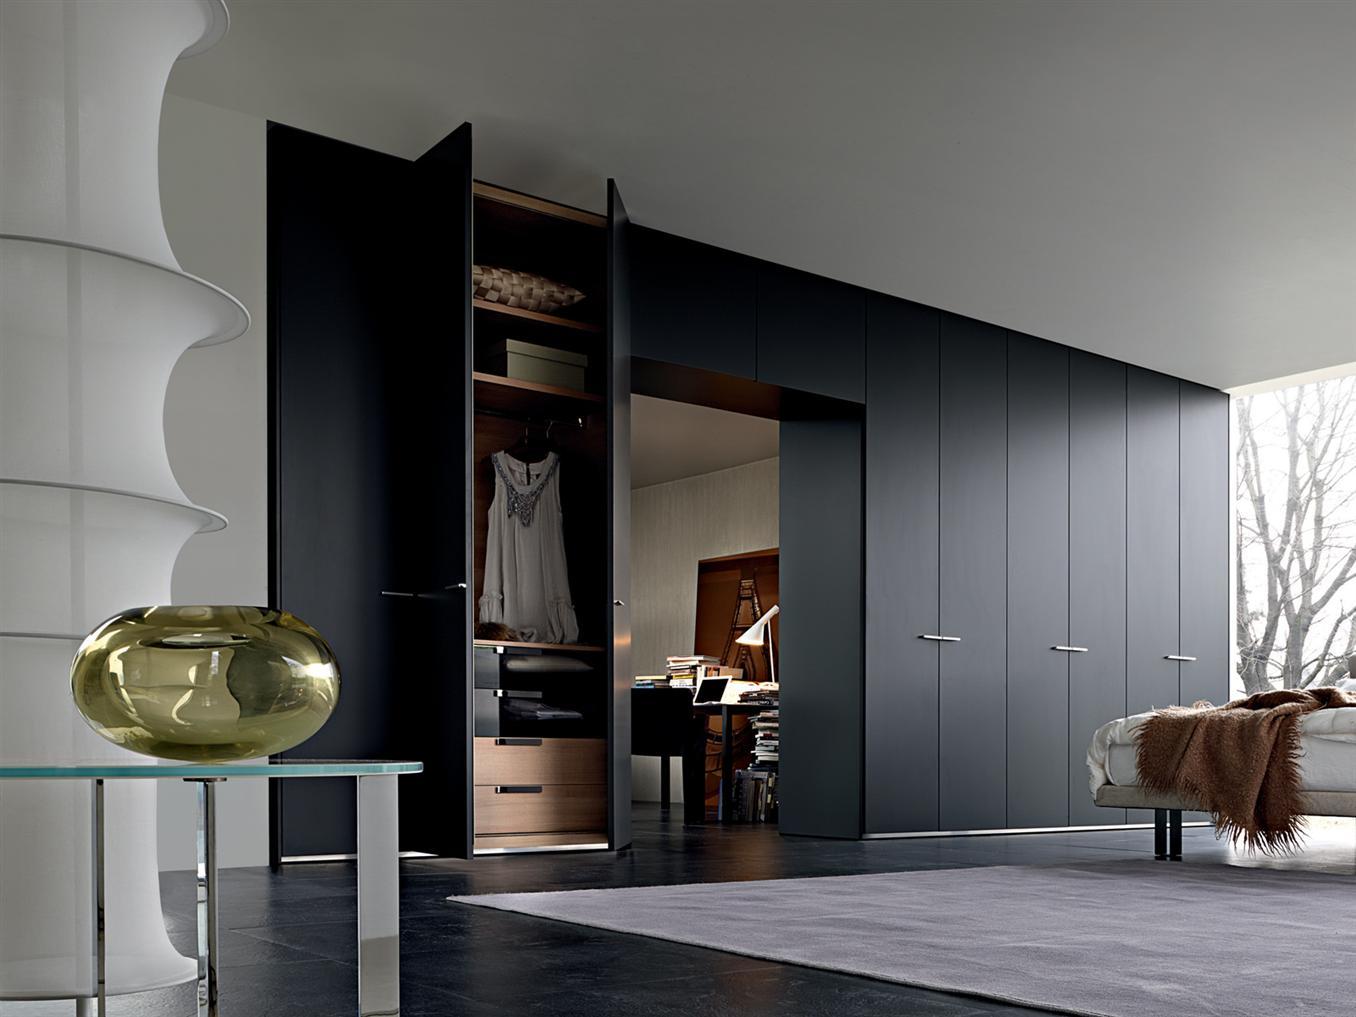 New home arreda molfetta arredamento casa mobili letti tavoli sedie - Divano letto oz molteni prezzo ...